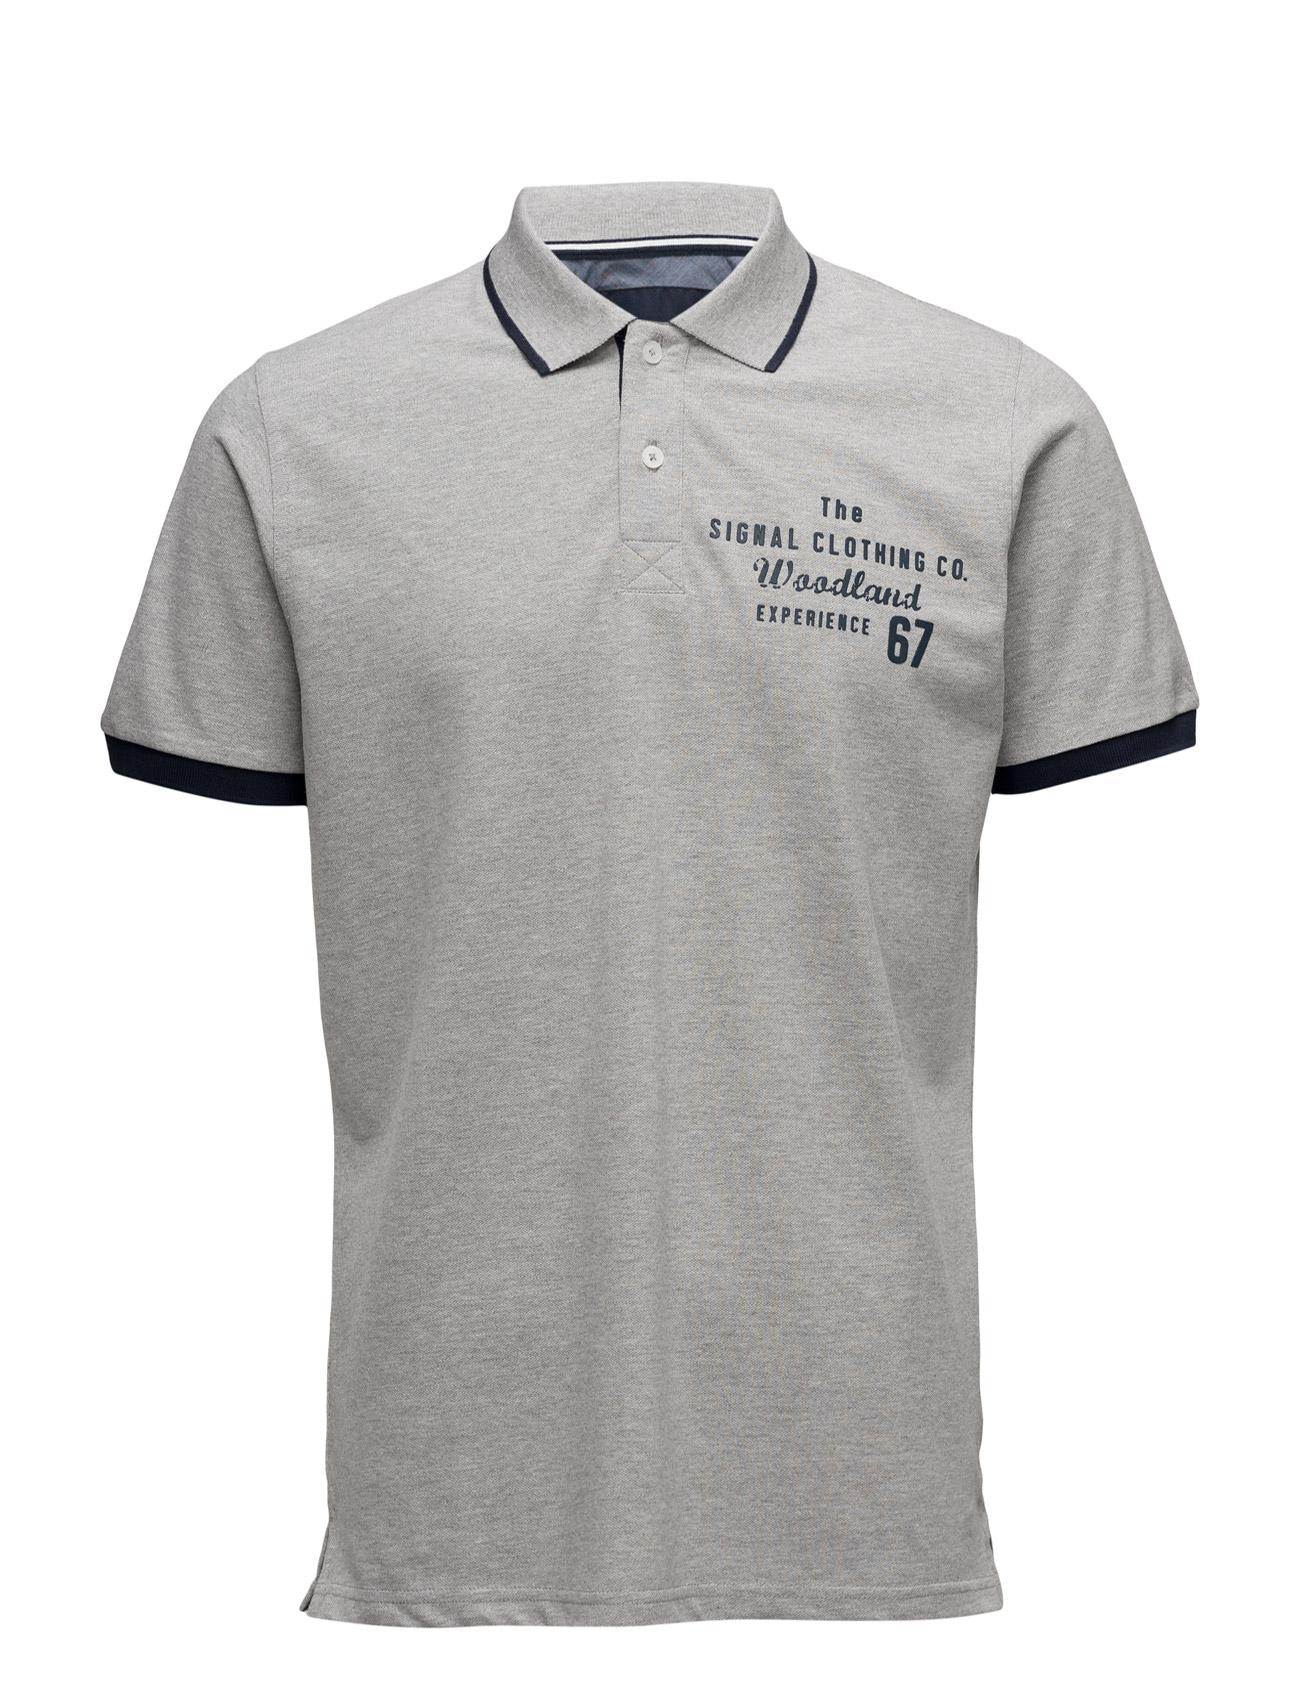 Rupert Campaign Signal Kortærmede polo t-shirts til Mænd i Light Grey Melange